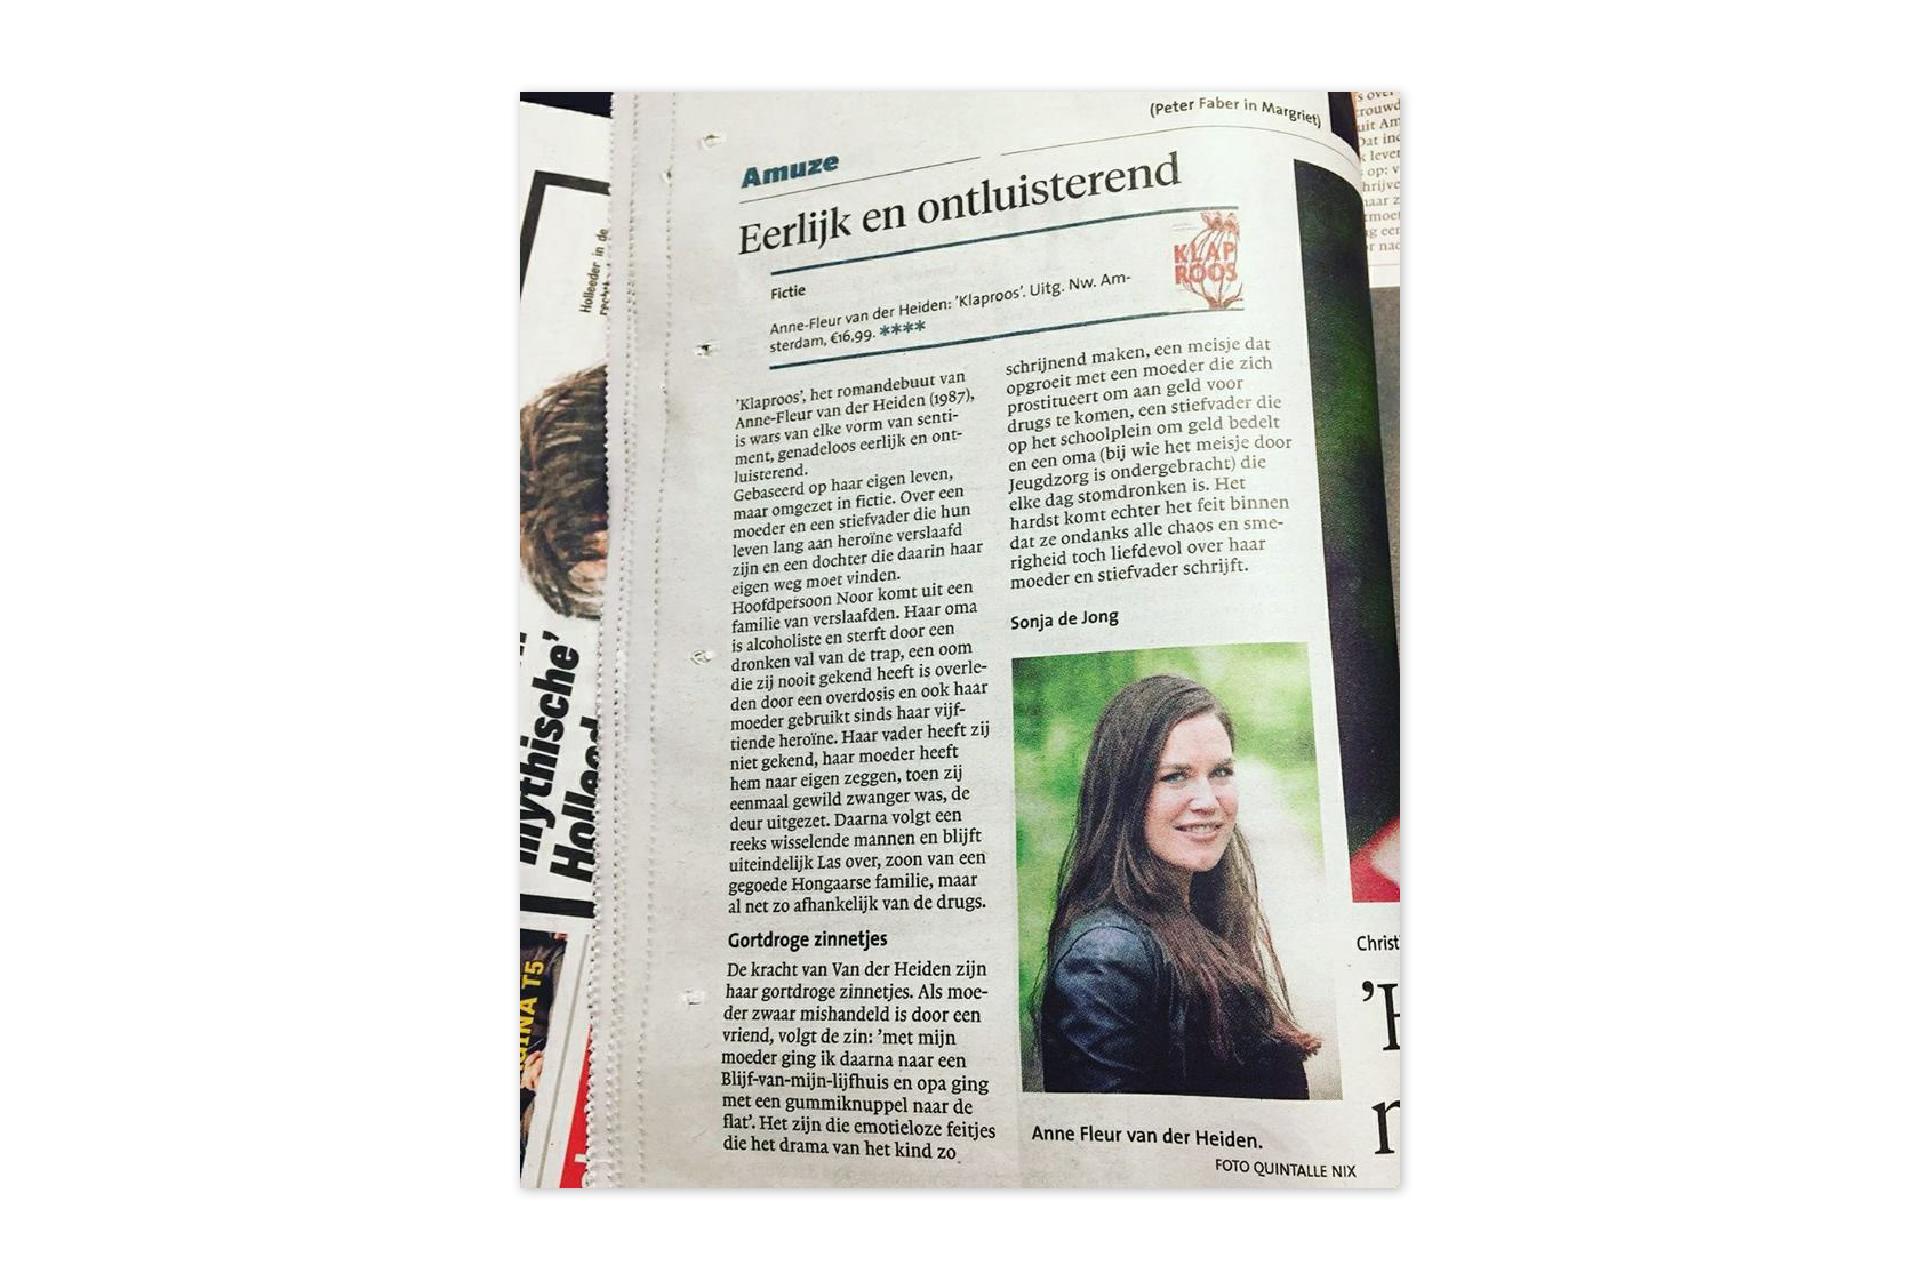 HDC Dagbladen - recensie - Klaproos roman- Anne-Fleur van der Heiden